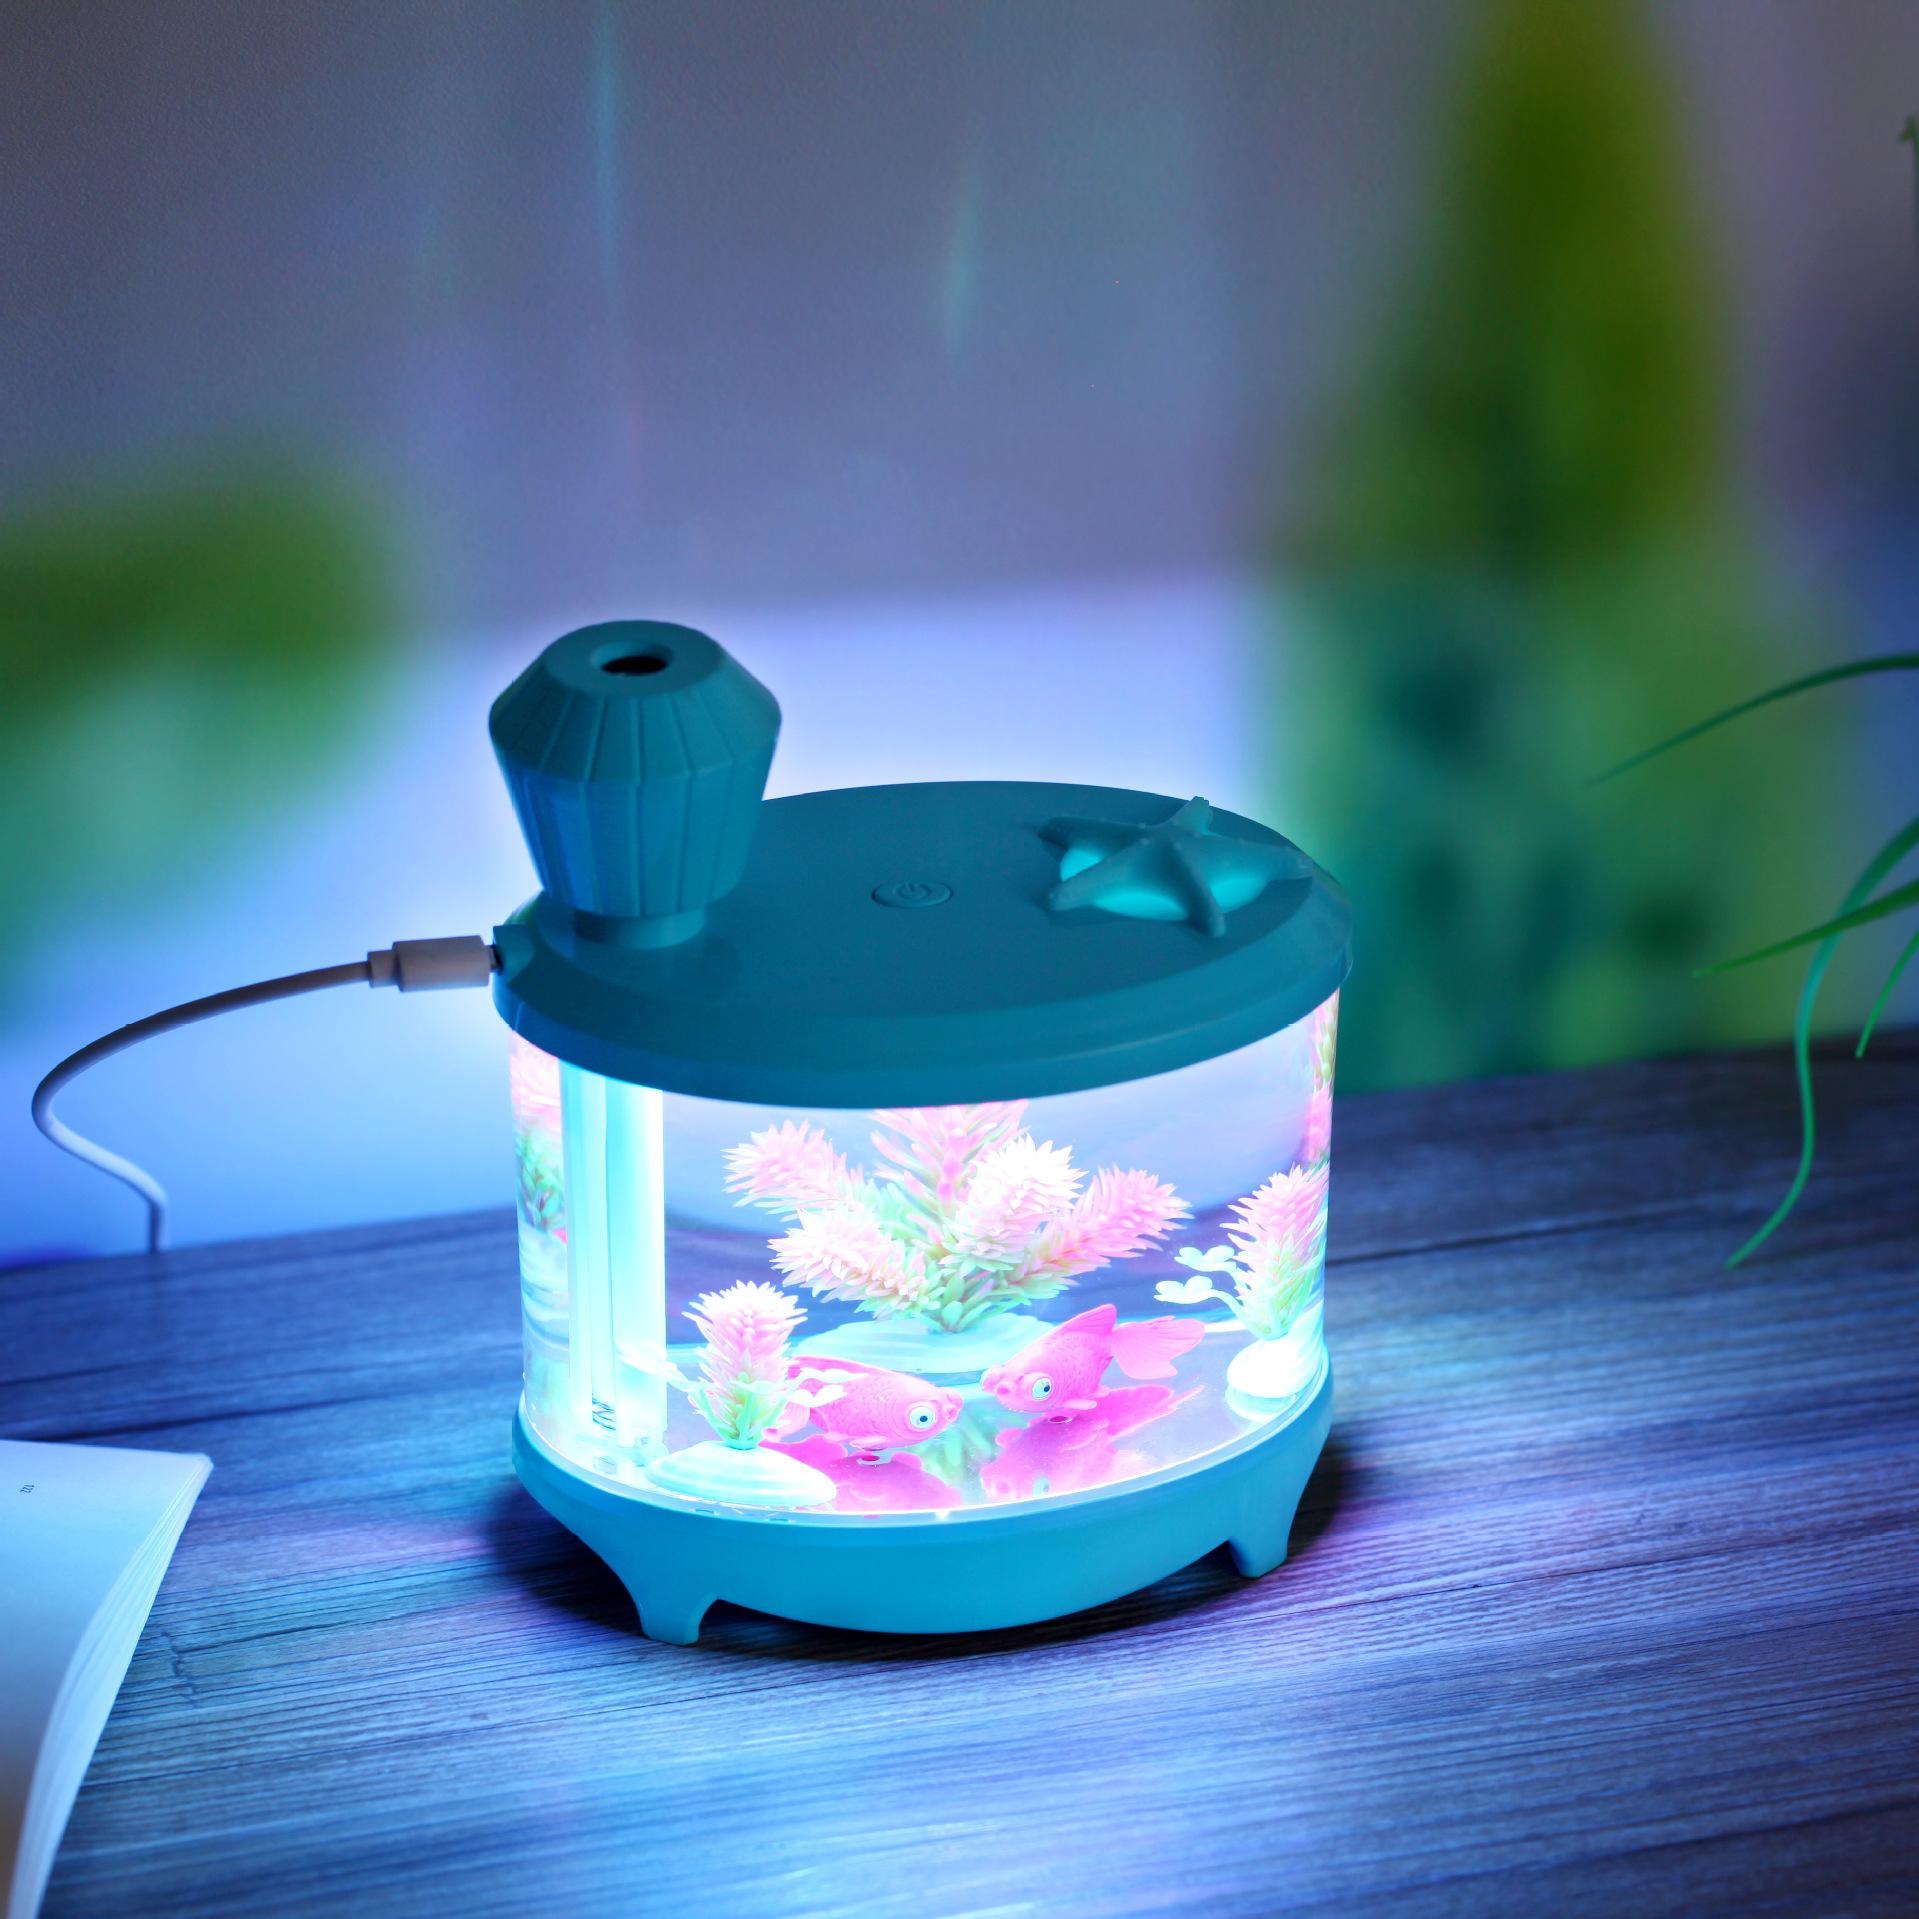 [暖心小公主加湿器]厂家精美鱼缸加湿器usb空气净化器家月销量0件仅售70元